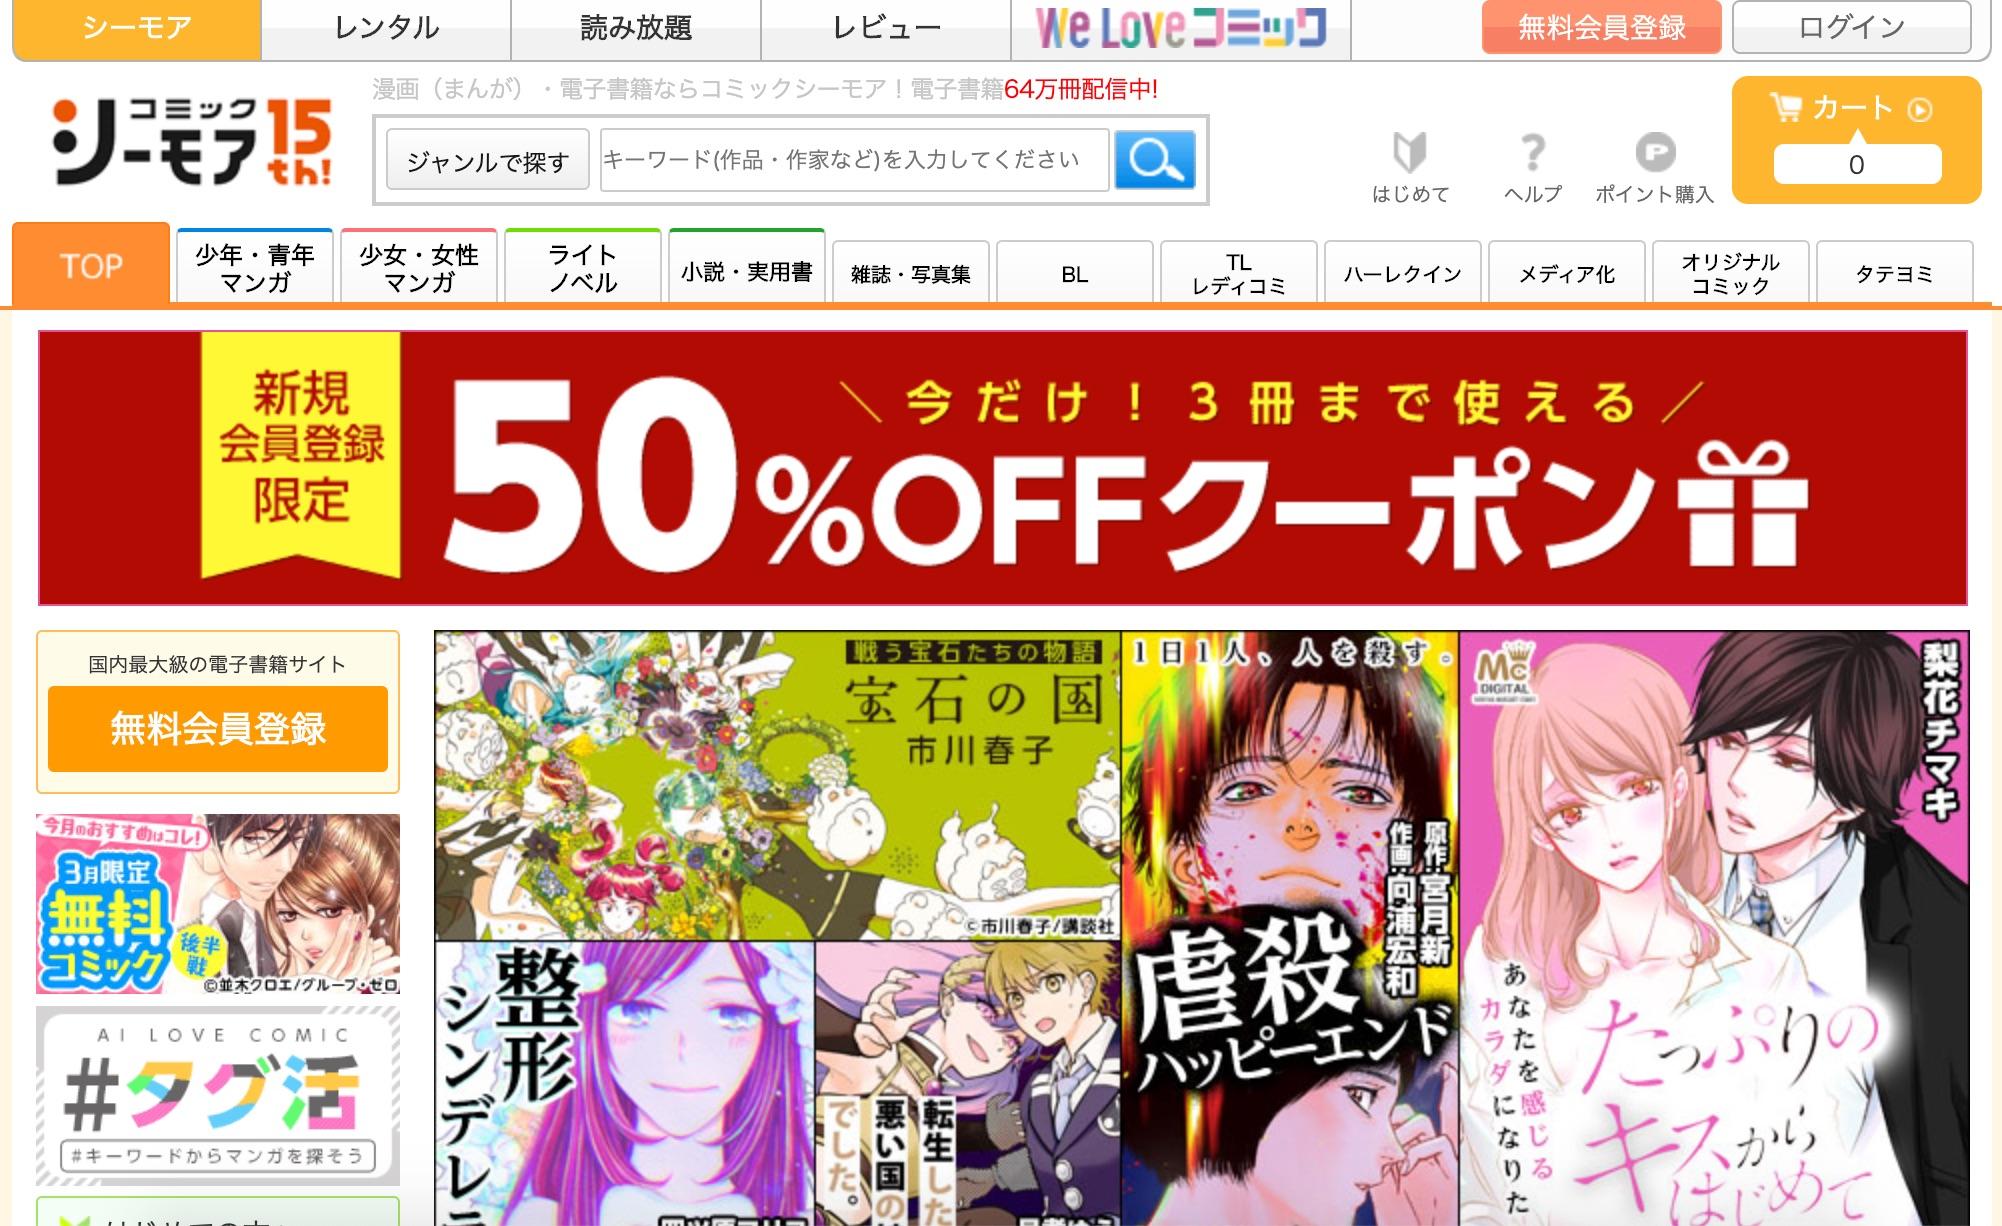 152 センチ 62 キロ の 恋人 漫画 ネタバレ